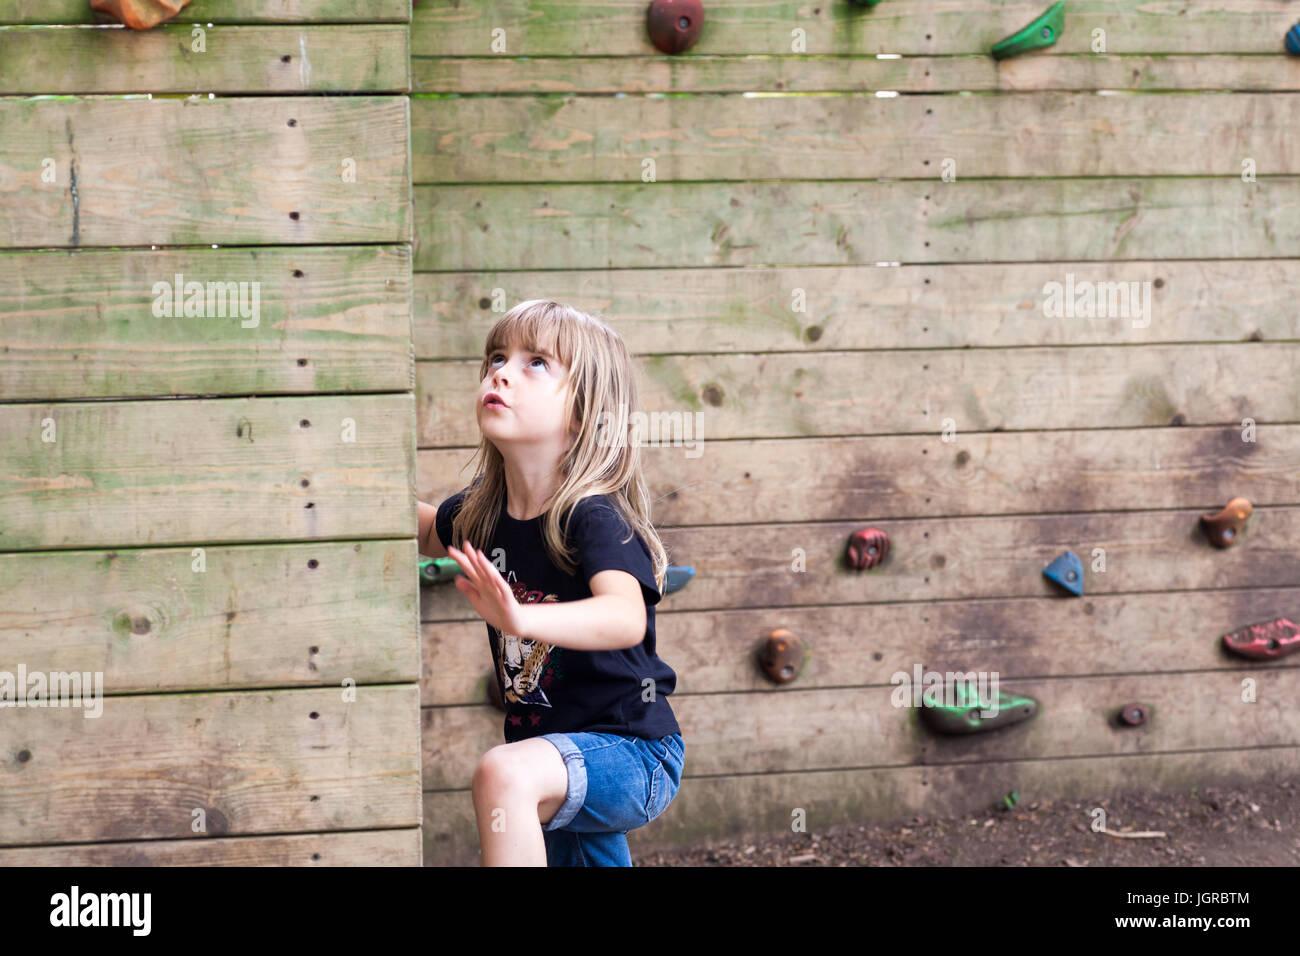 Kleine Mädchen angefangen bis zu einer hölzernen Kletterwand. niedliche Kind körperlich aktiven Lebensstil Stockbild